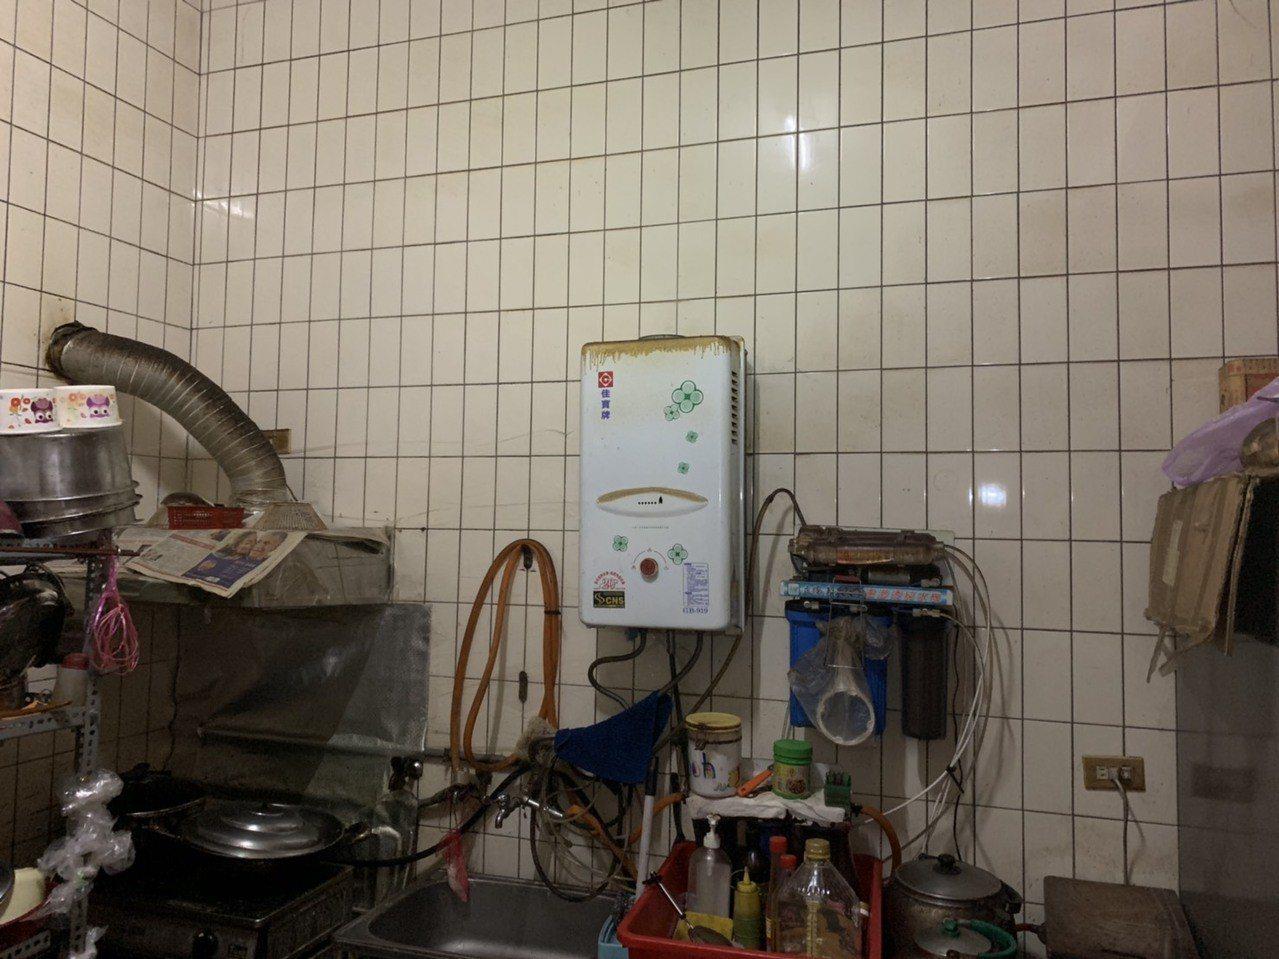 台中市南區九旬老翁昨天傳出一氧化碳中毒意外,警消發現老翁將瓦斯熱水器戶外機裝設在...